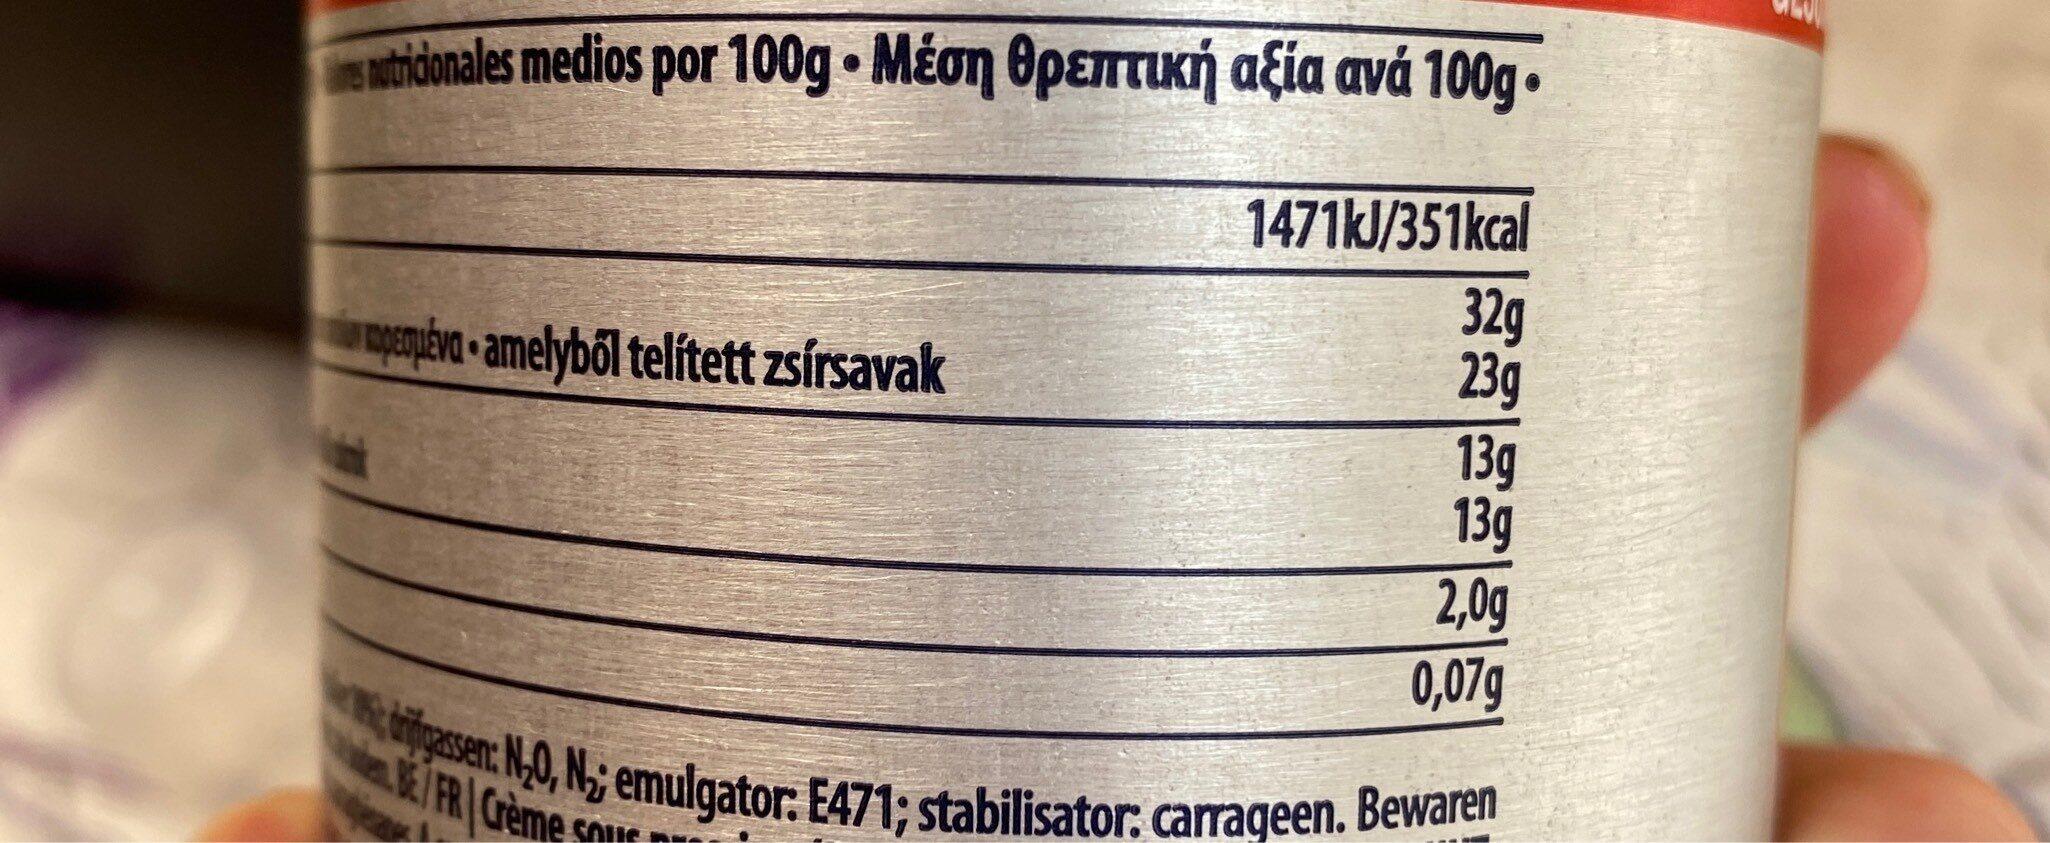 Crème sucrée - Nutrition facts - nl